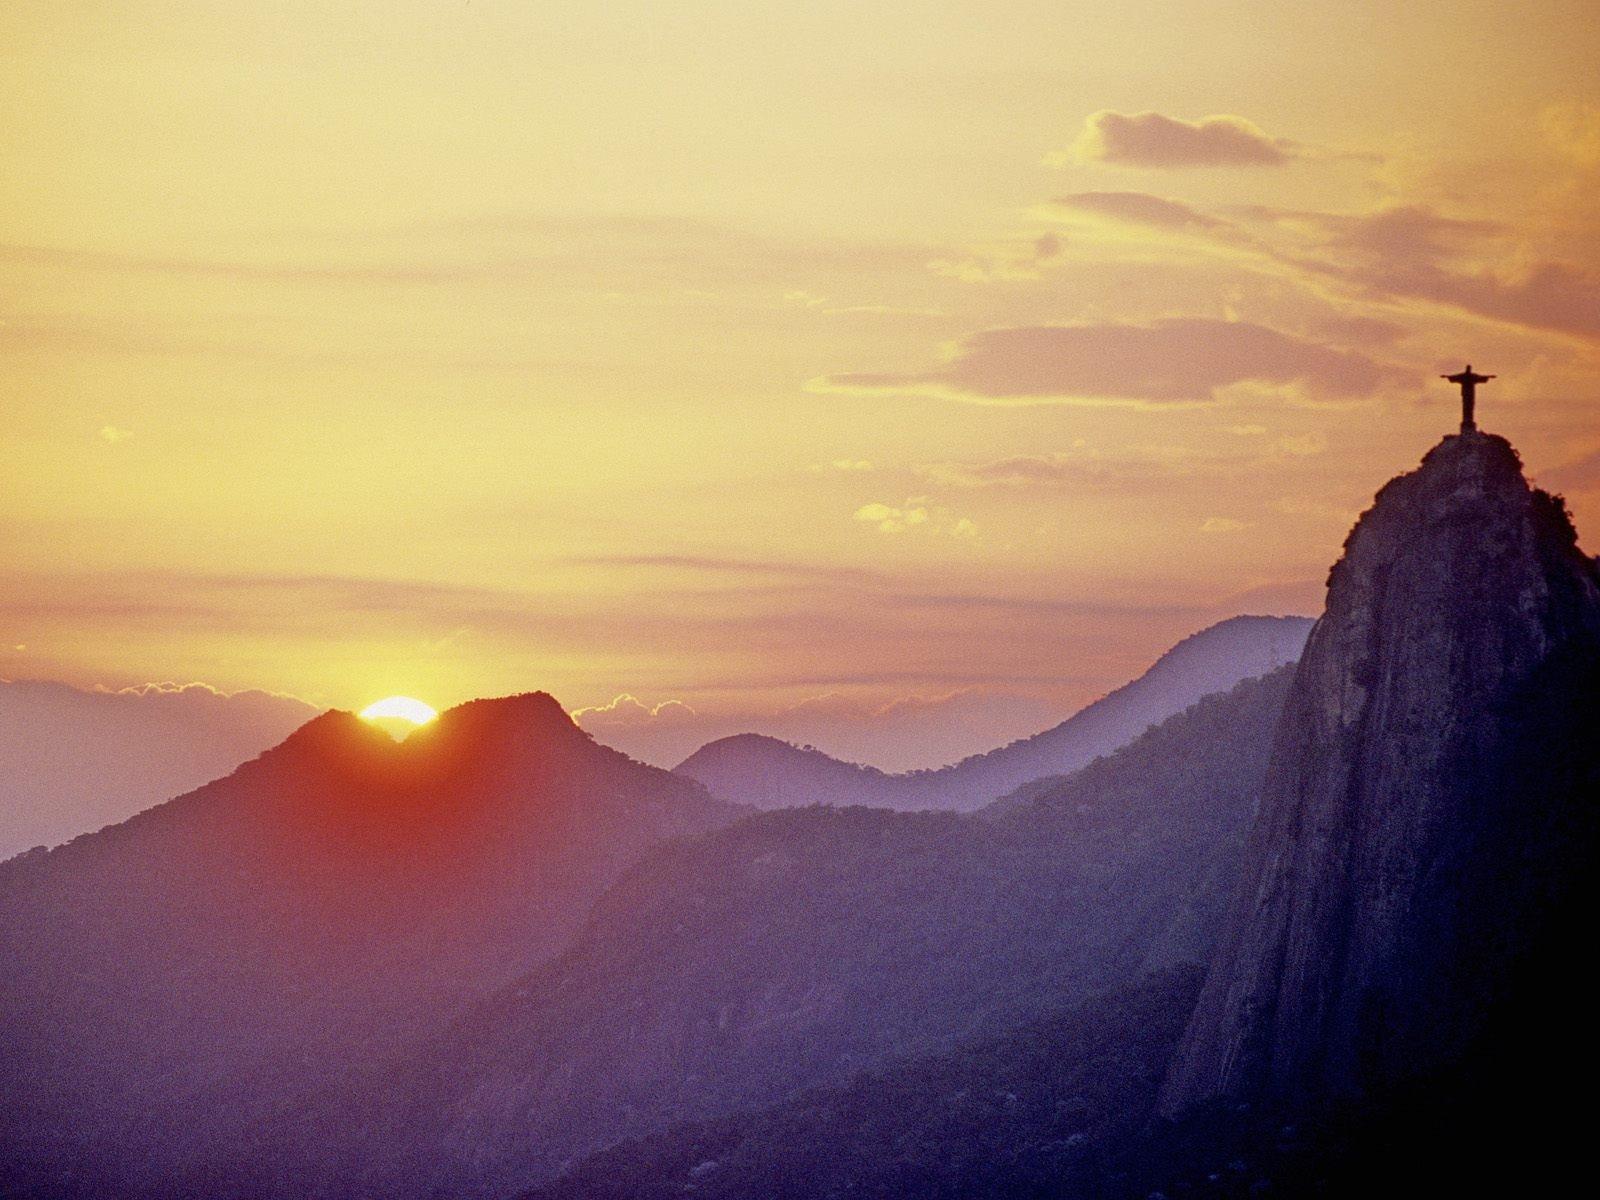 Sunset silhouettes hills Brazil sunlight Rio De Janeiro ...